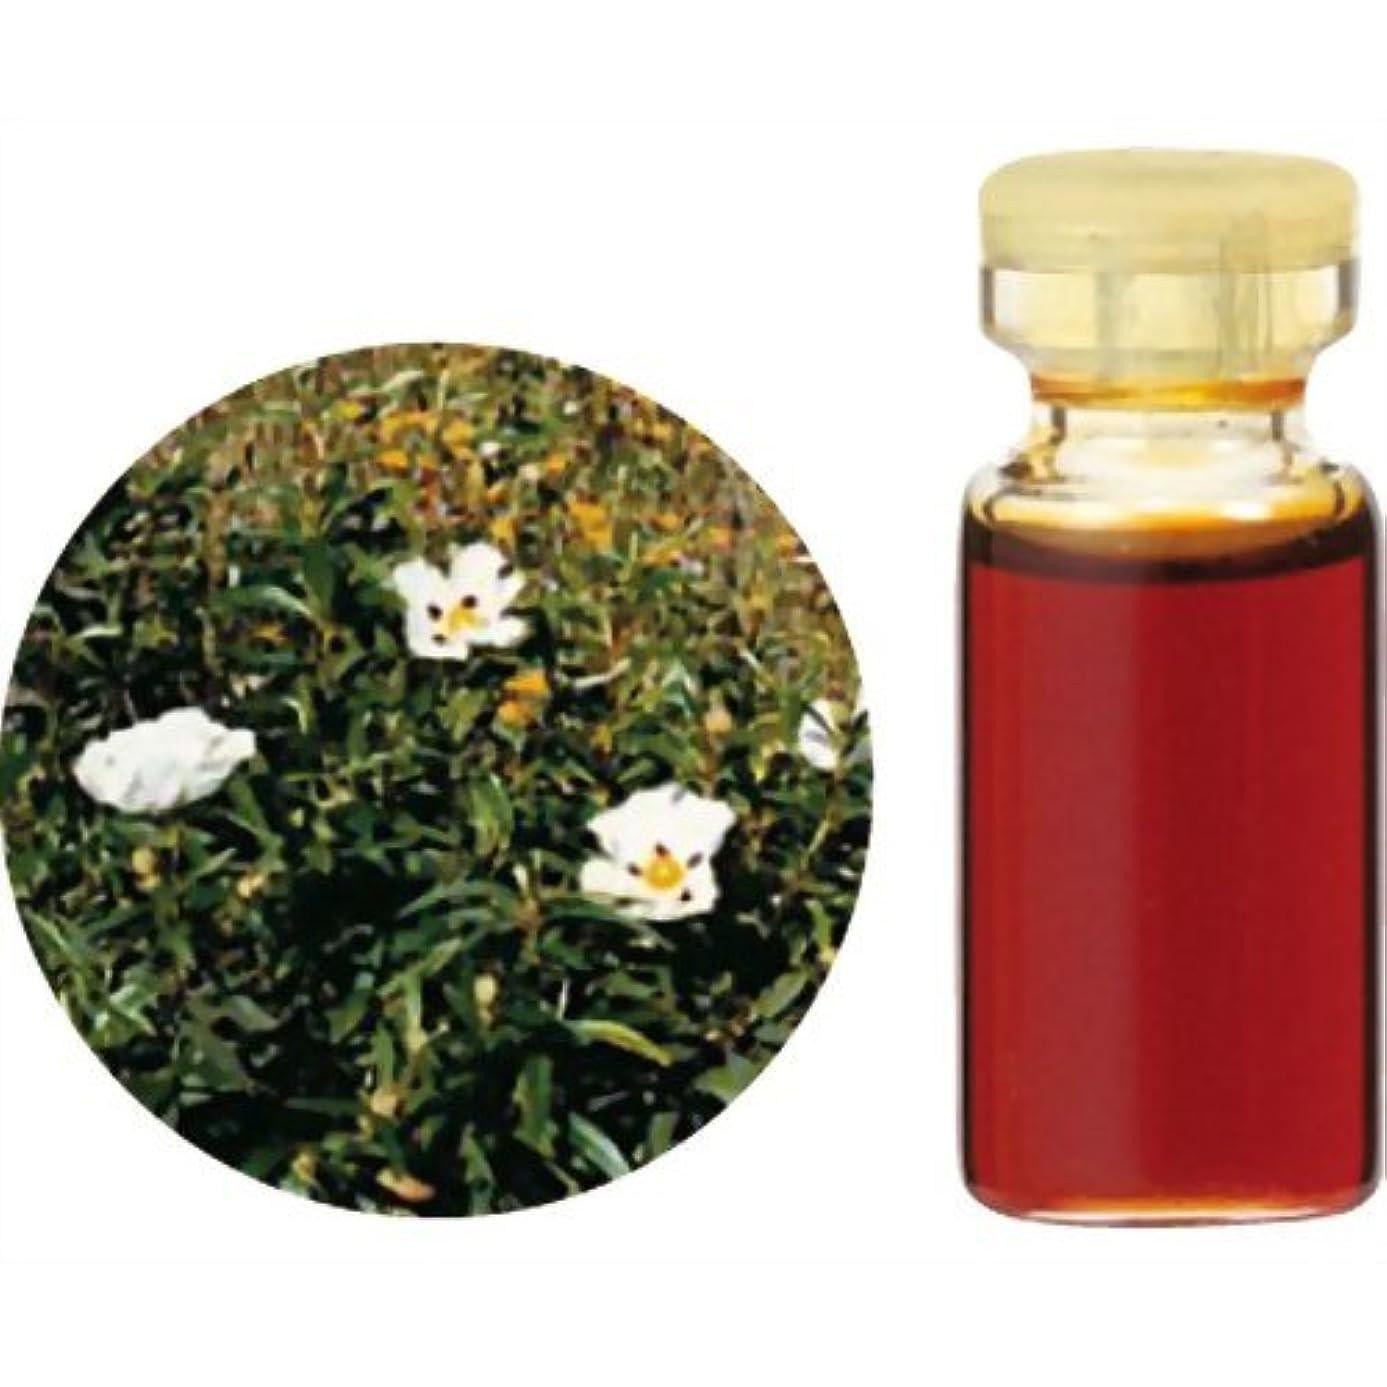 チャットインデックスコーヒー生活の木 Herbal Life レアバリューオイル シストローズ(ロックローズ) 3ml